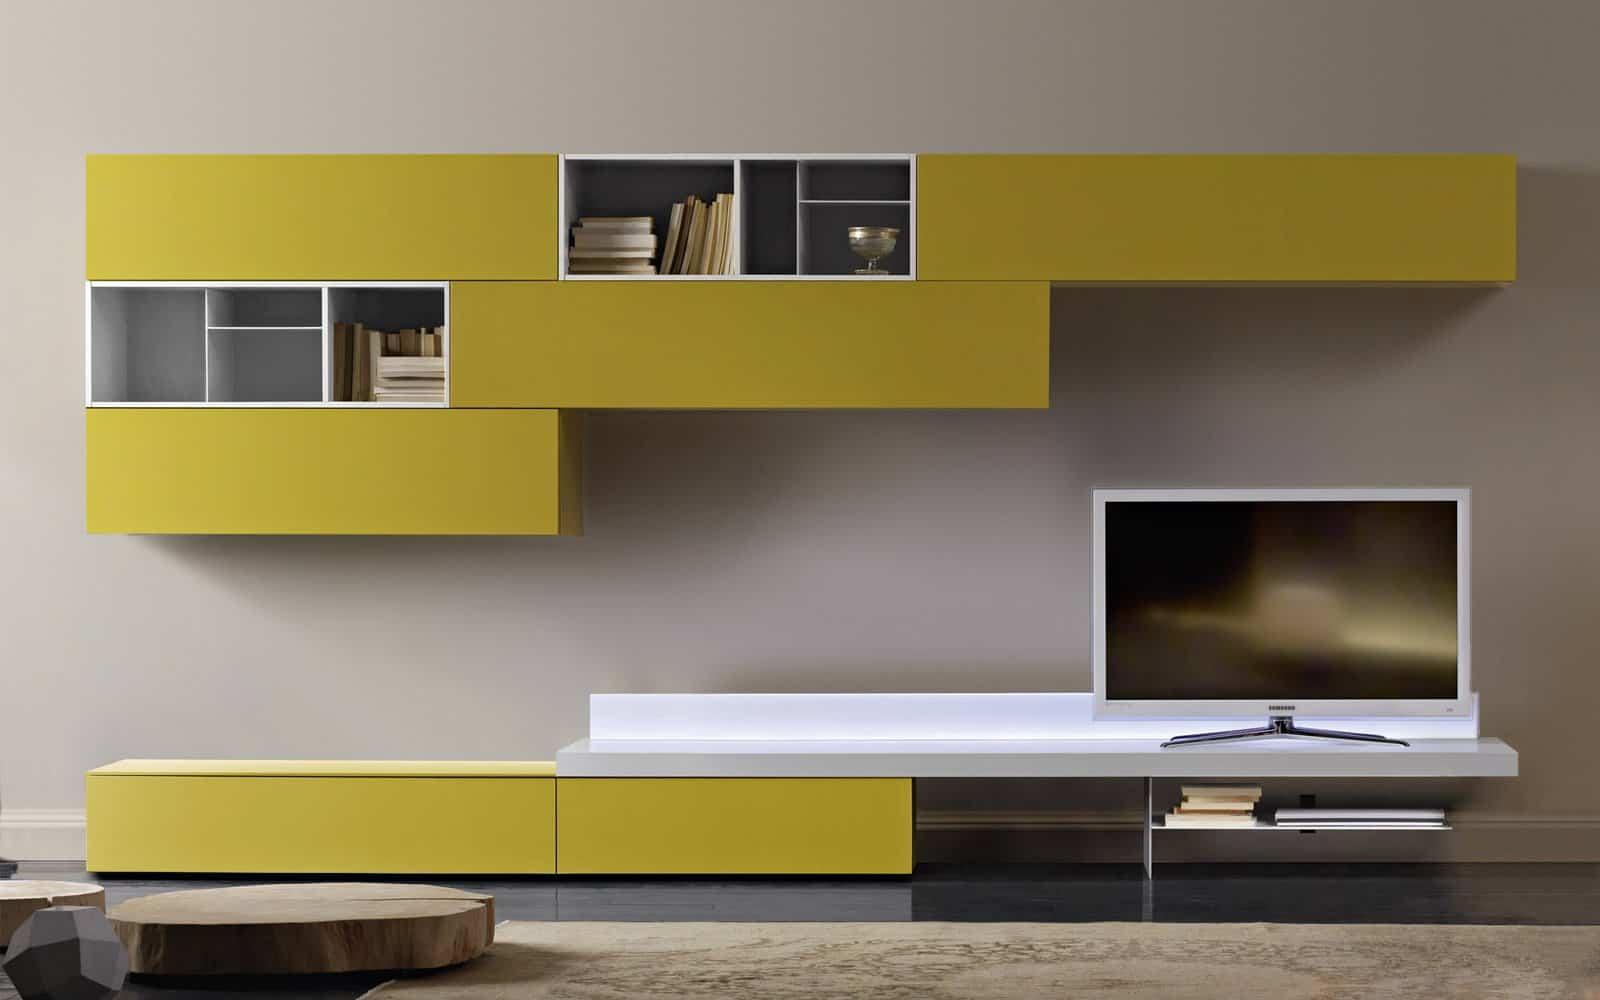 san giacomo wohnw nde online bestellen bei wohnstation. Black Bedroom Furniture Sets. Home Design Ideas